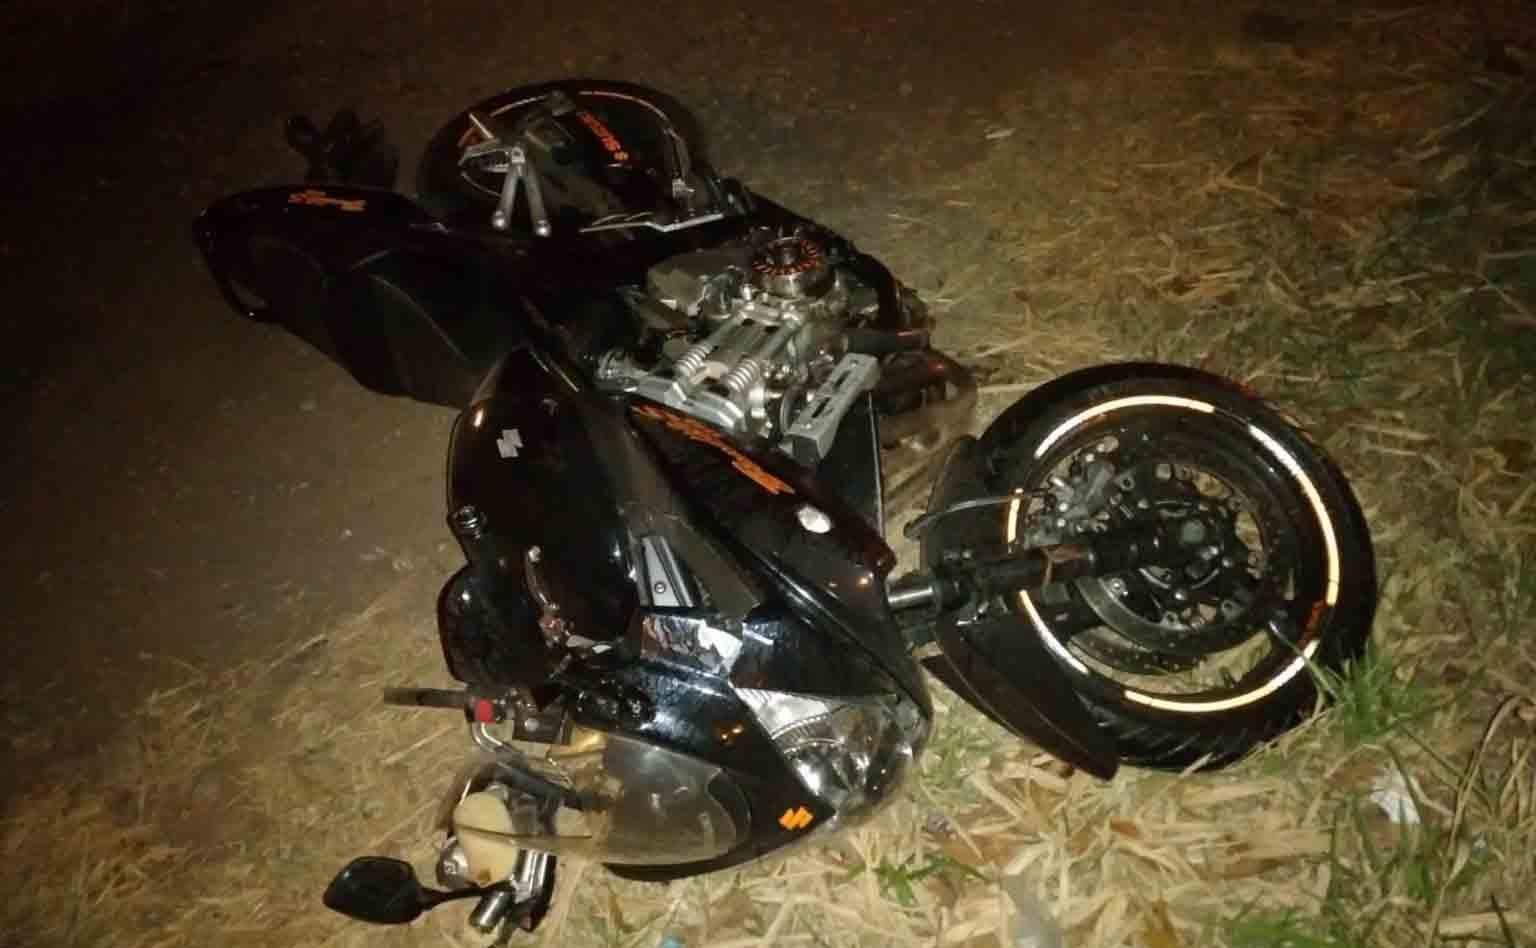 Motociclista não resiste e morre após sofrer acidente na Rio Claro – Ajapi. Foto: CGM Rio Claro